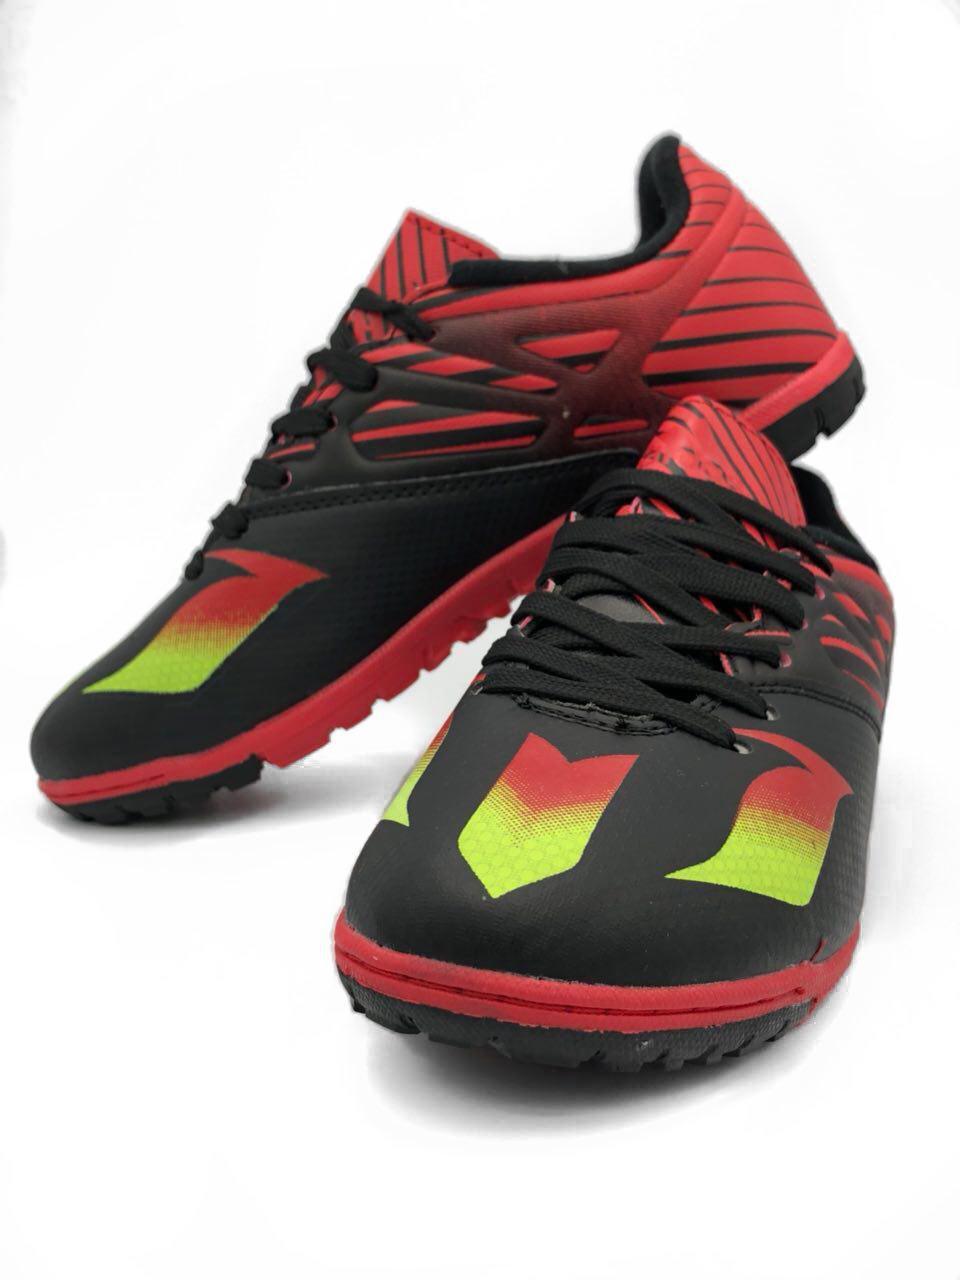 432533aa Сороконожки футбольные Adidas MESSI (p.36-41) FB23-4 39, цена 760 грн.,  купить Ахтырка — Prom.ua (ID#745158189)